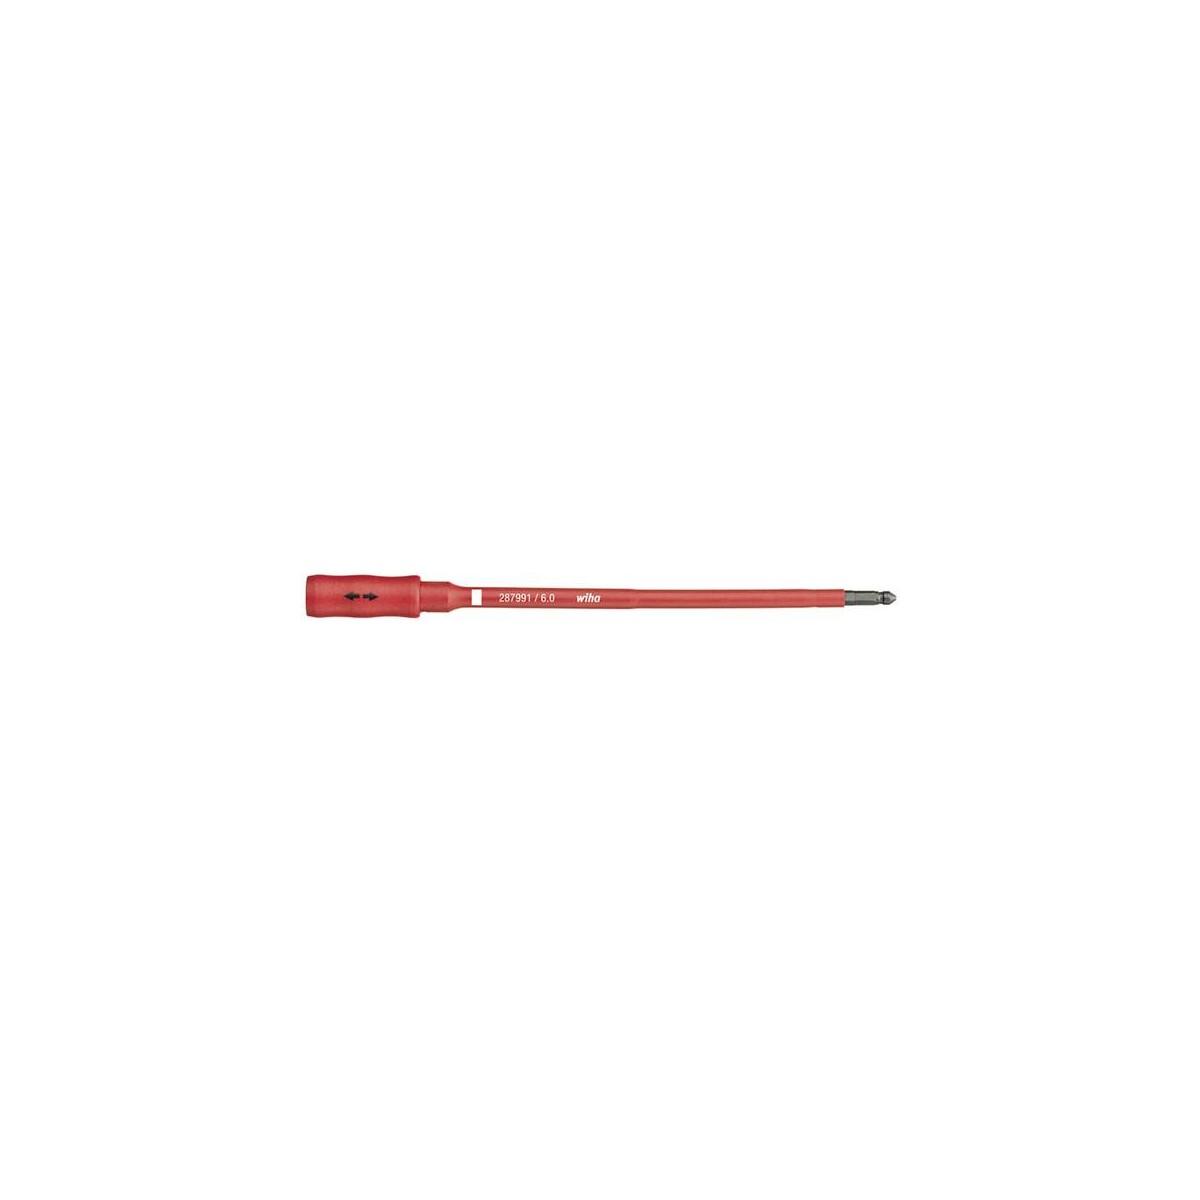 Adapter TorqueVario-S electric Wiha - 35870